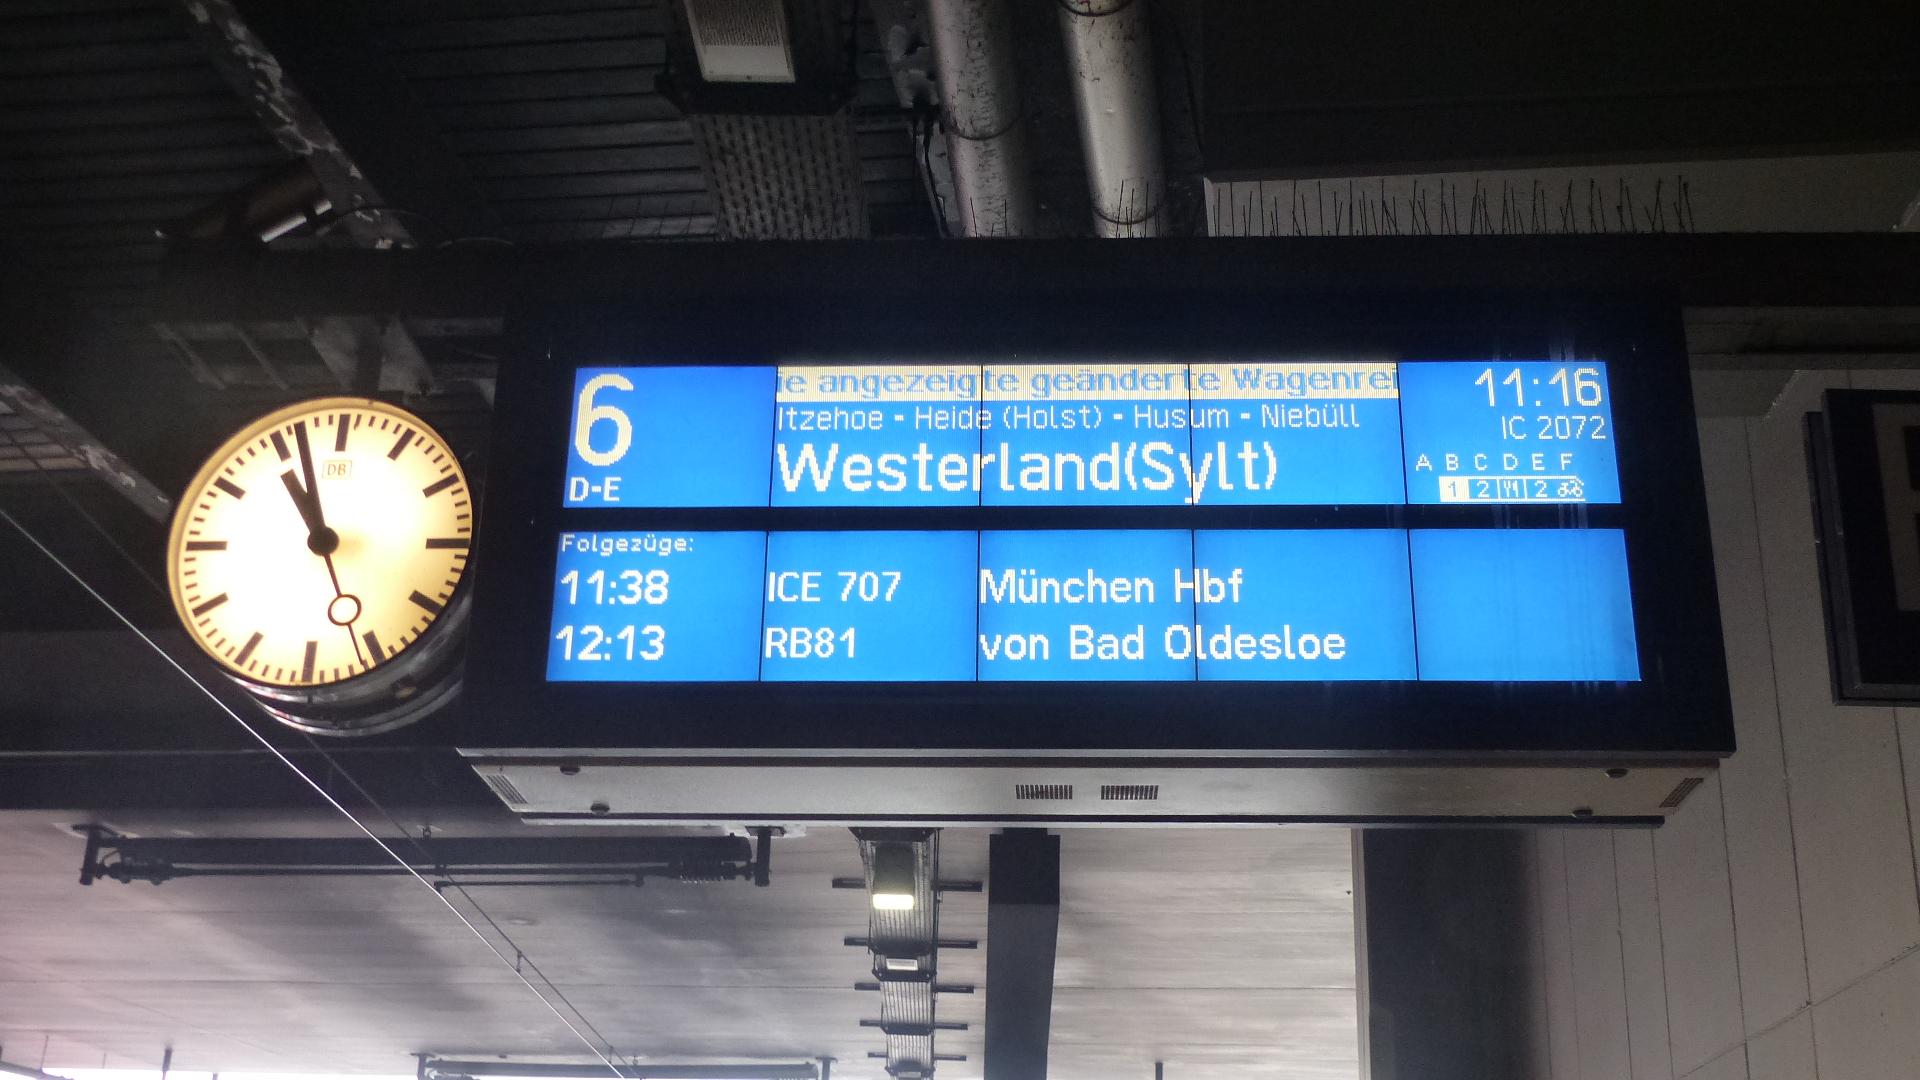 Die Bahnhofstafel zeigt das Urlaubsziel